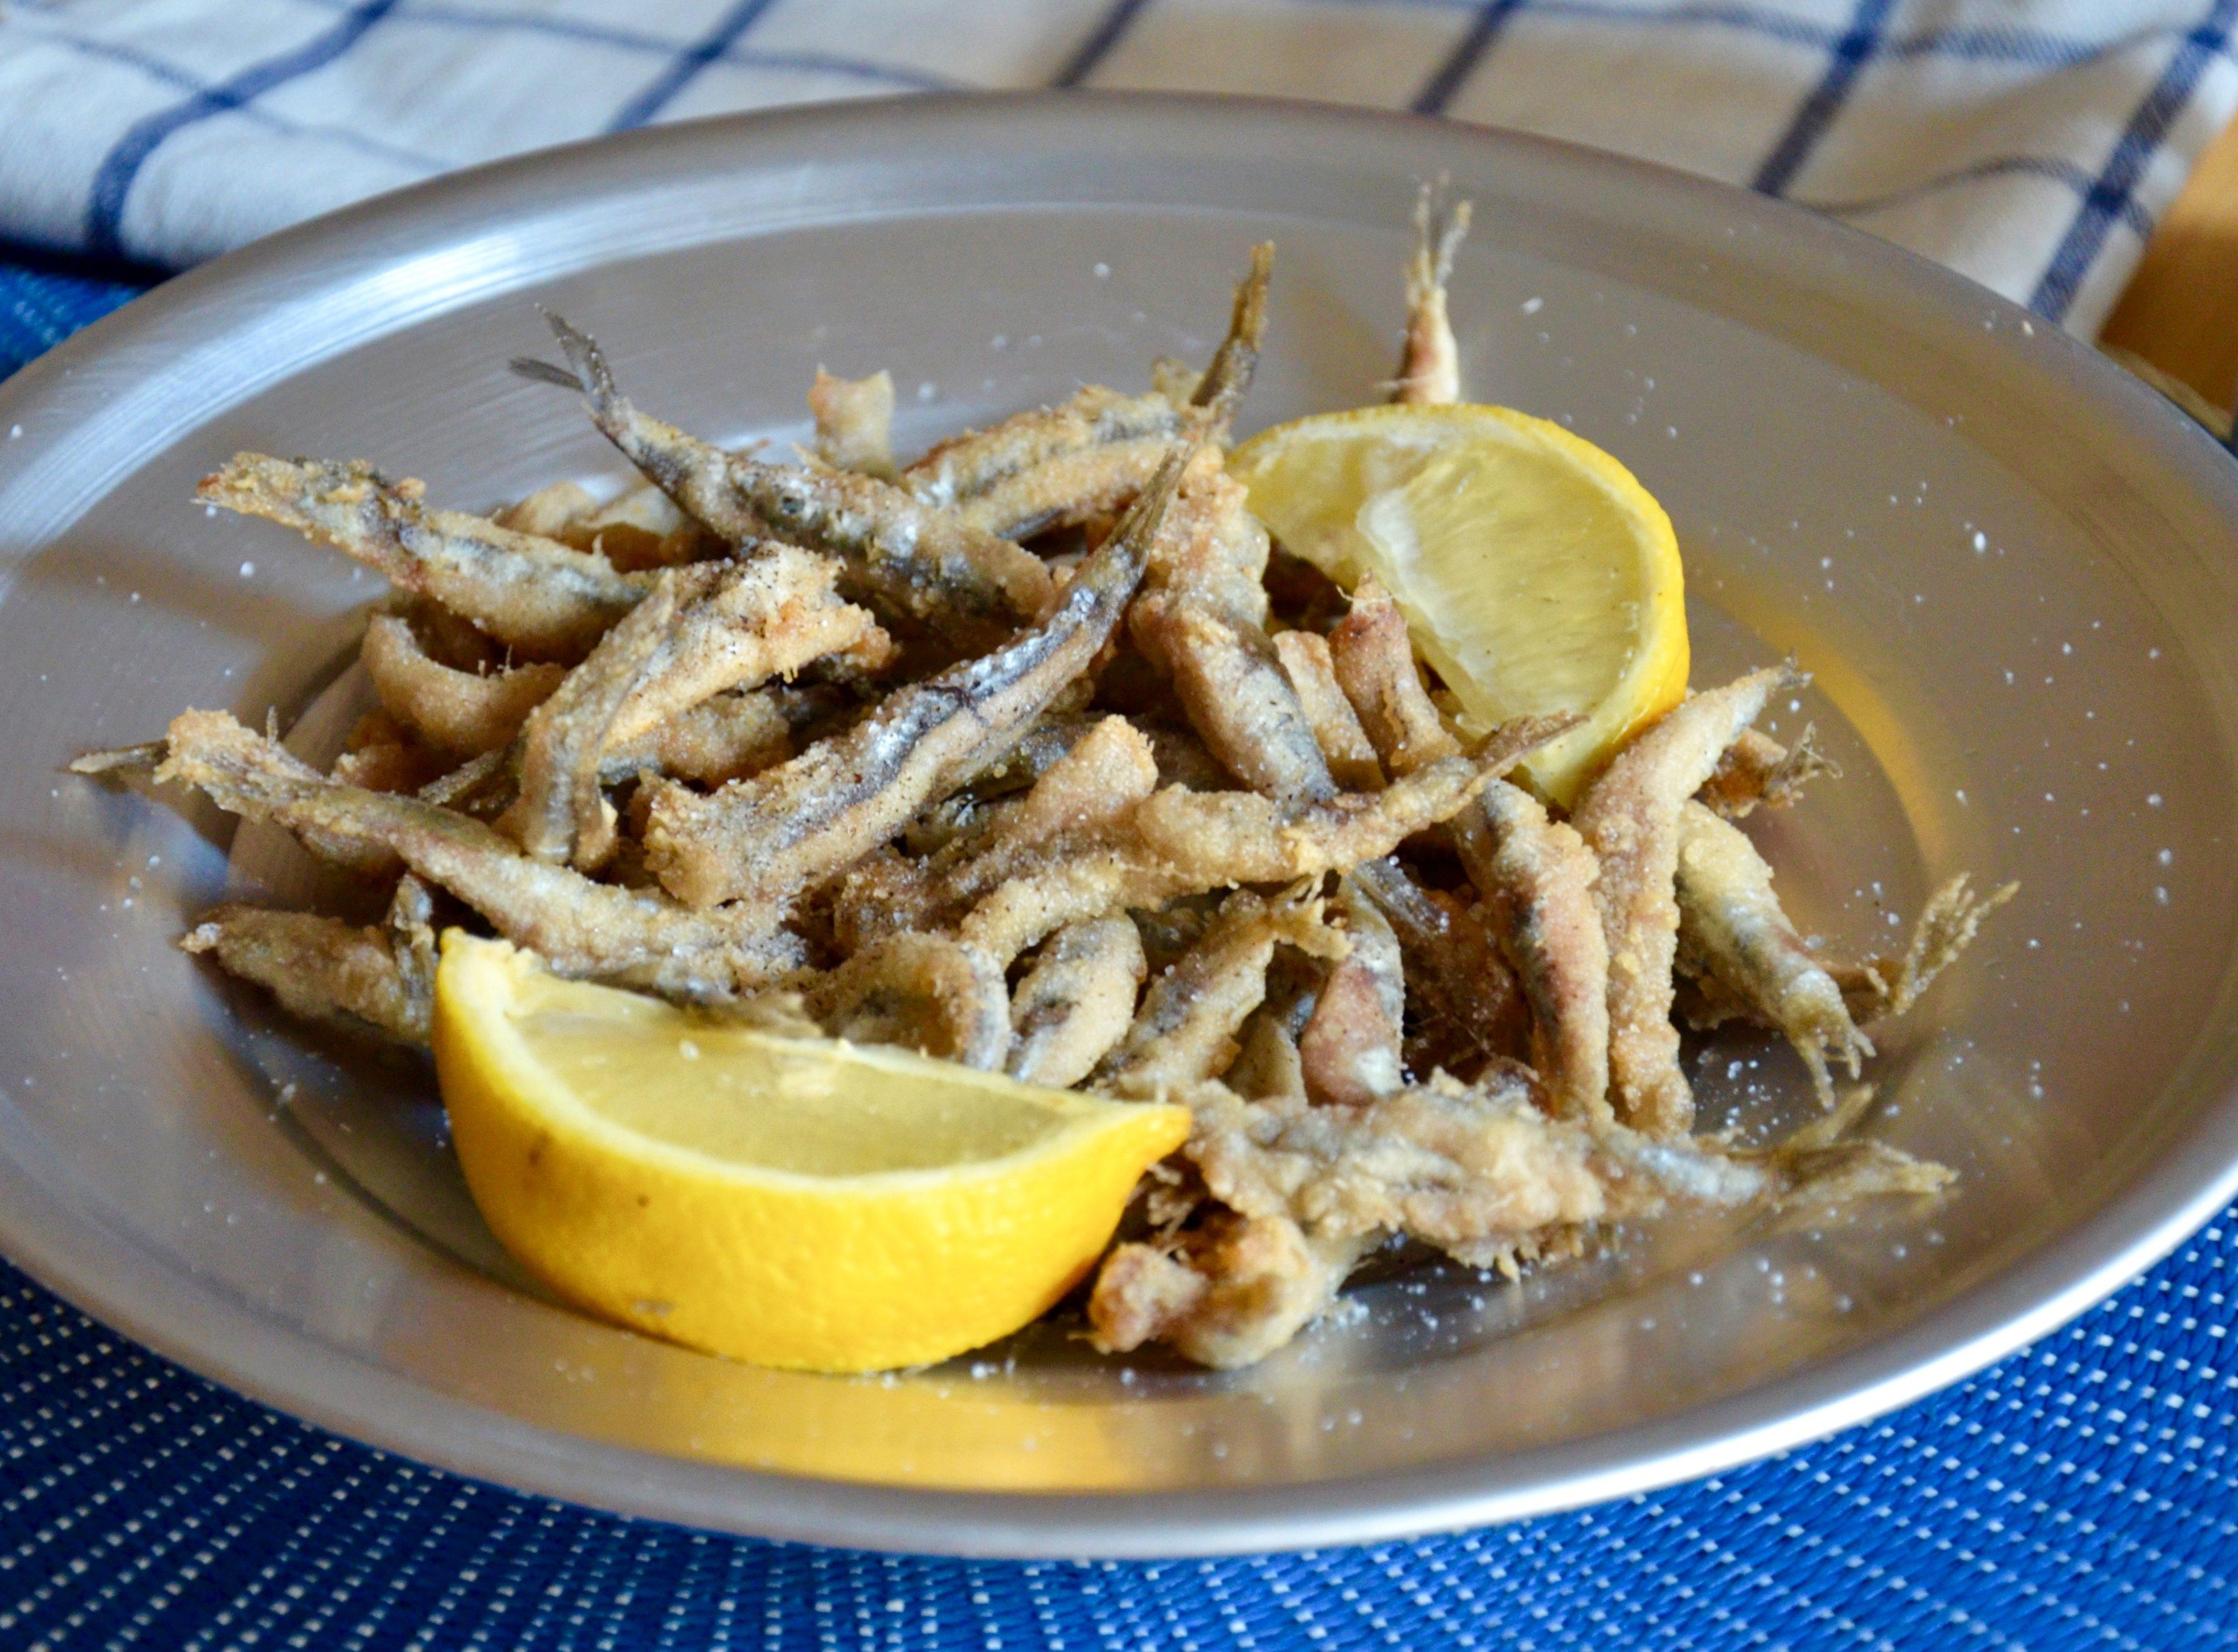 Alici fritte: la ricetta del fragrante piatto di pesce tipico della tradizione campana